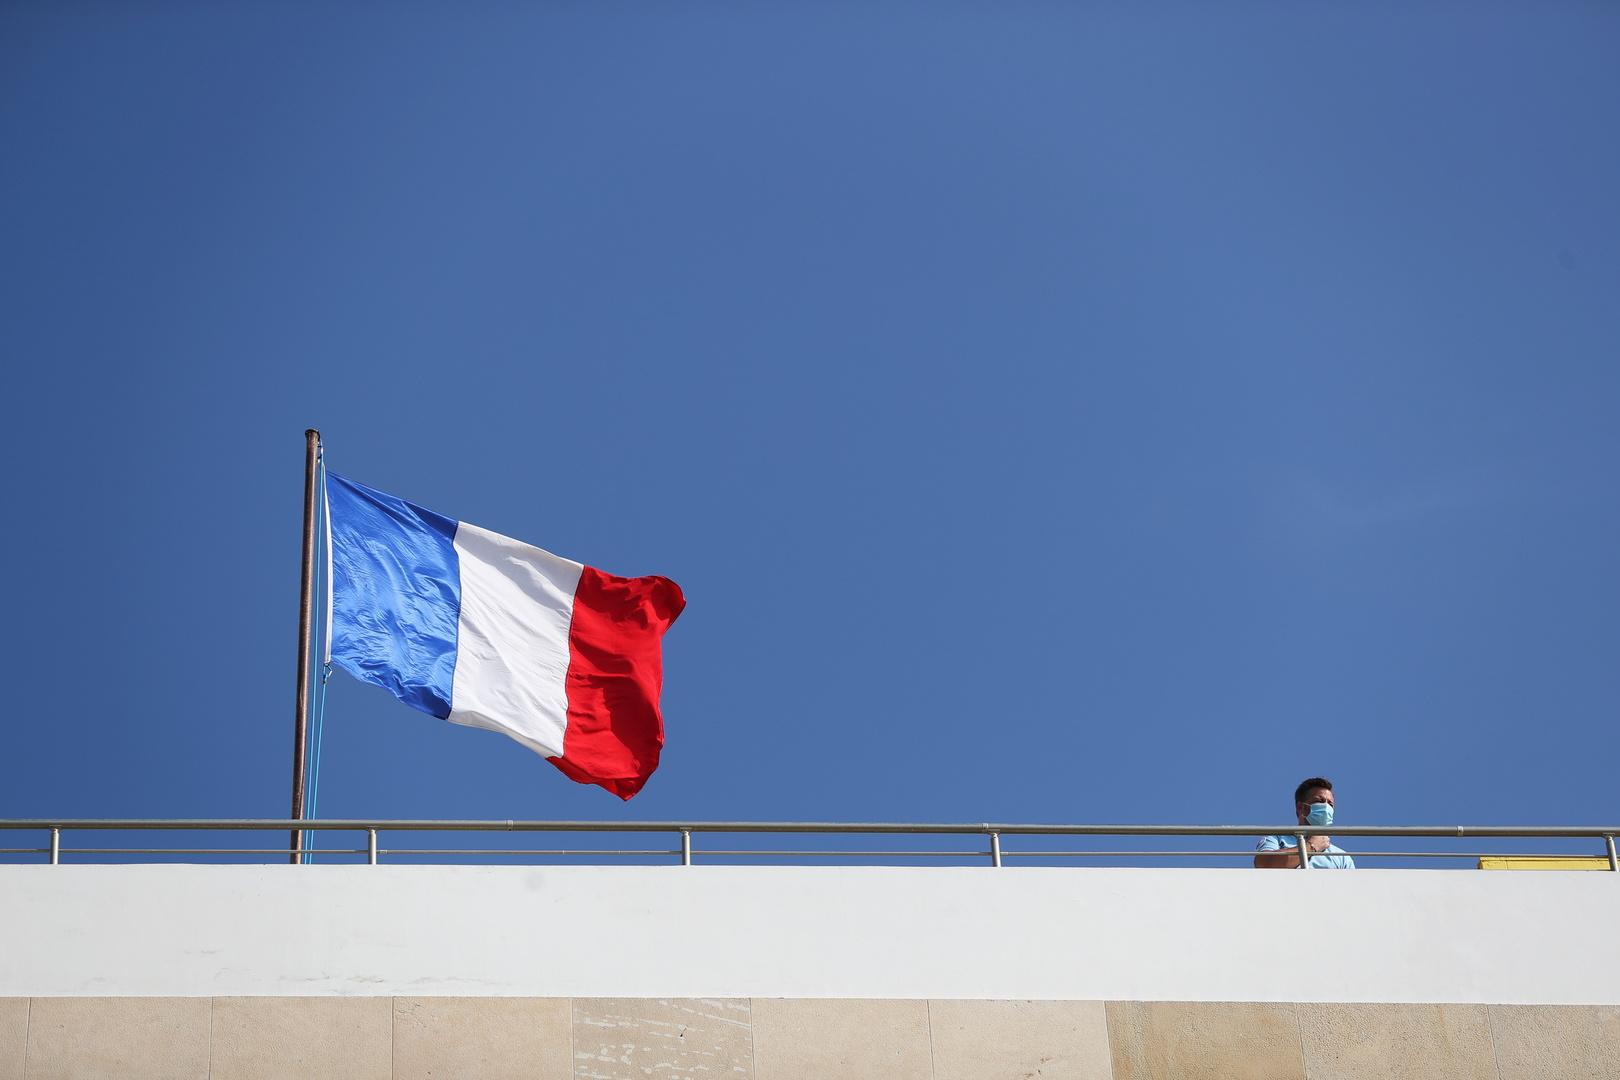 القضاء الفرنسي يرفض ترحيل صهر زين العابدين بن علي إلى تونس